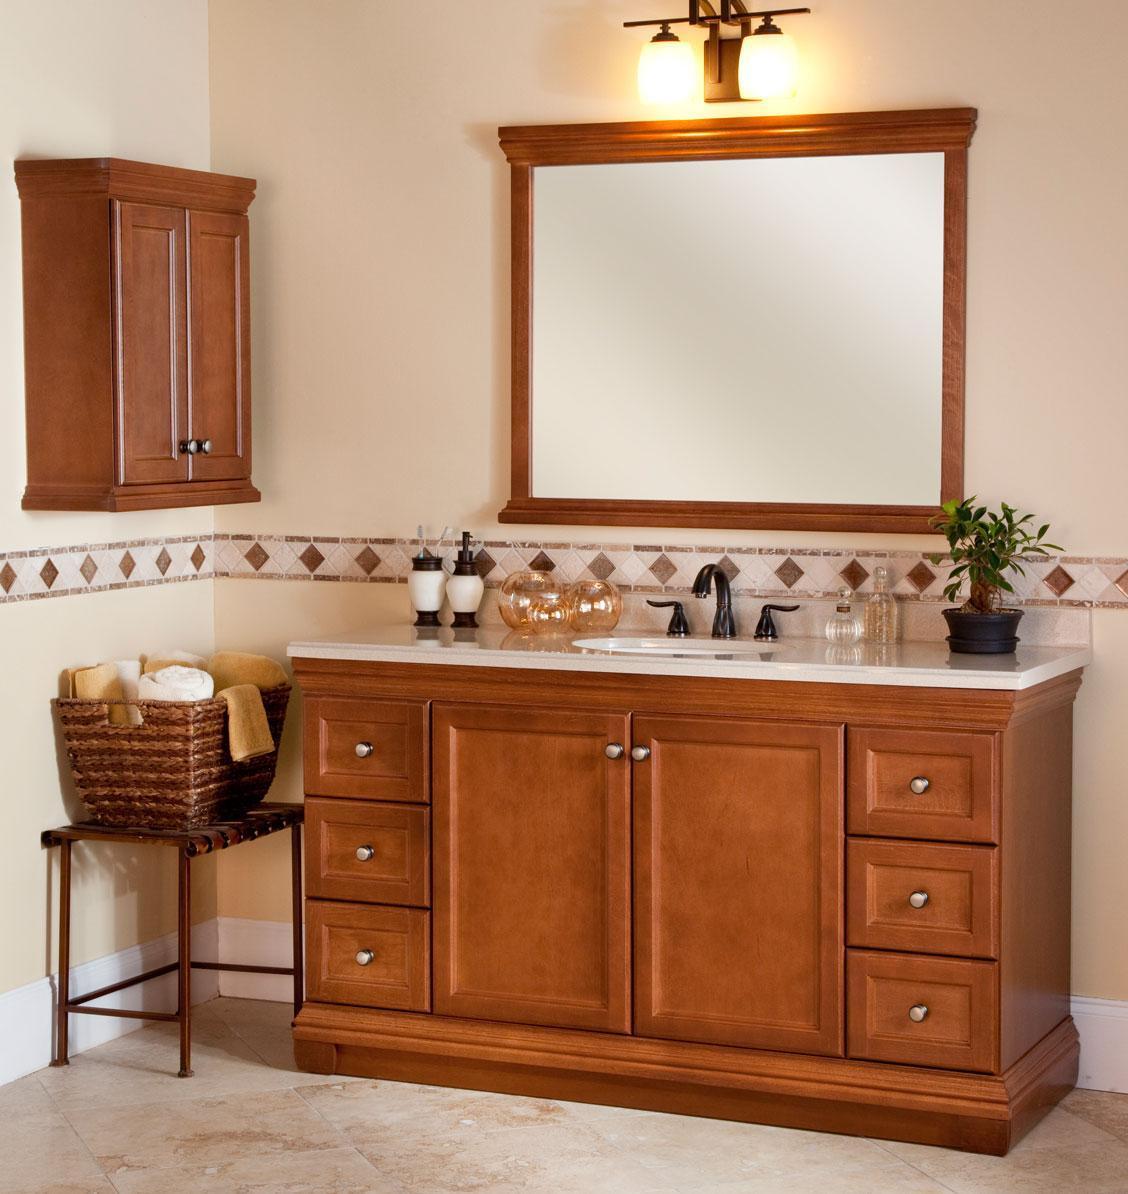 Muebles cl sicos de madera anchos gb1023 del cuarto de ba o 60 muebles cl sicos de madera - Muebles cuarto bano ...